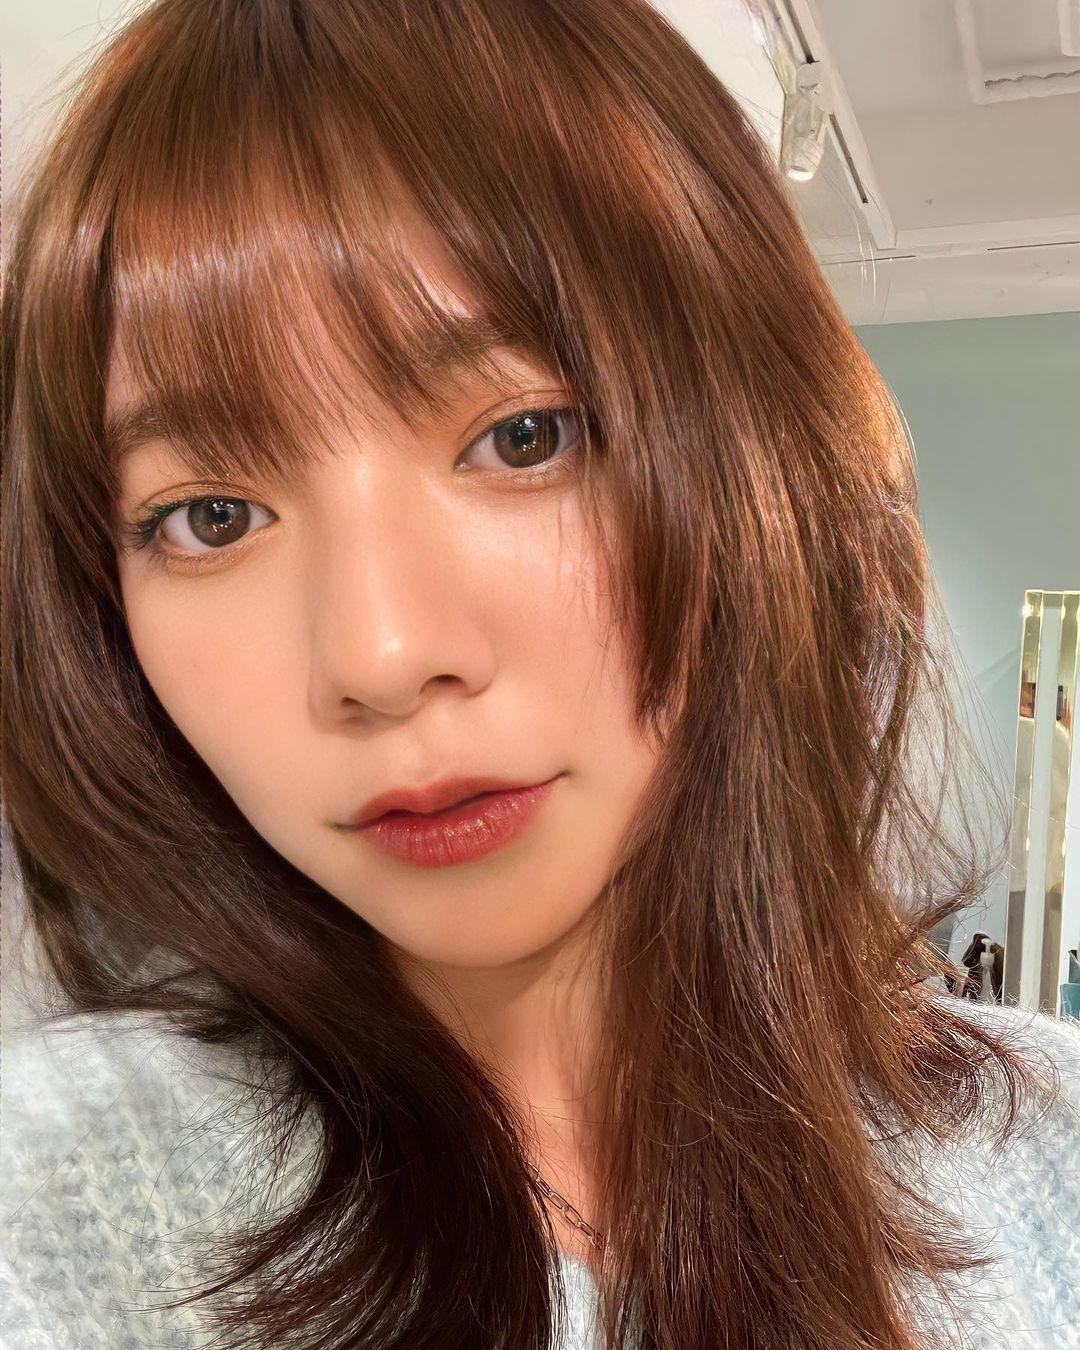 清纯美少女川津明日香日本知名模特儿兼女演员 网络美女 第10张